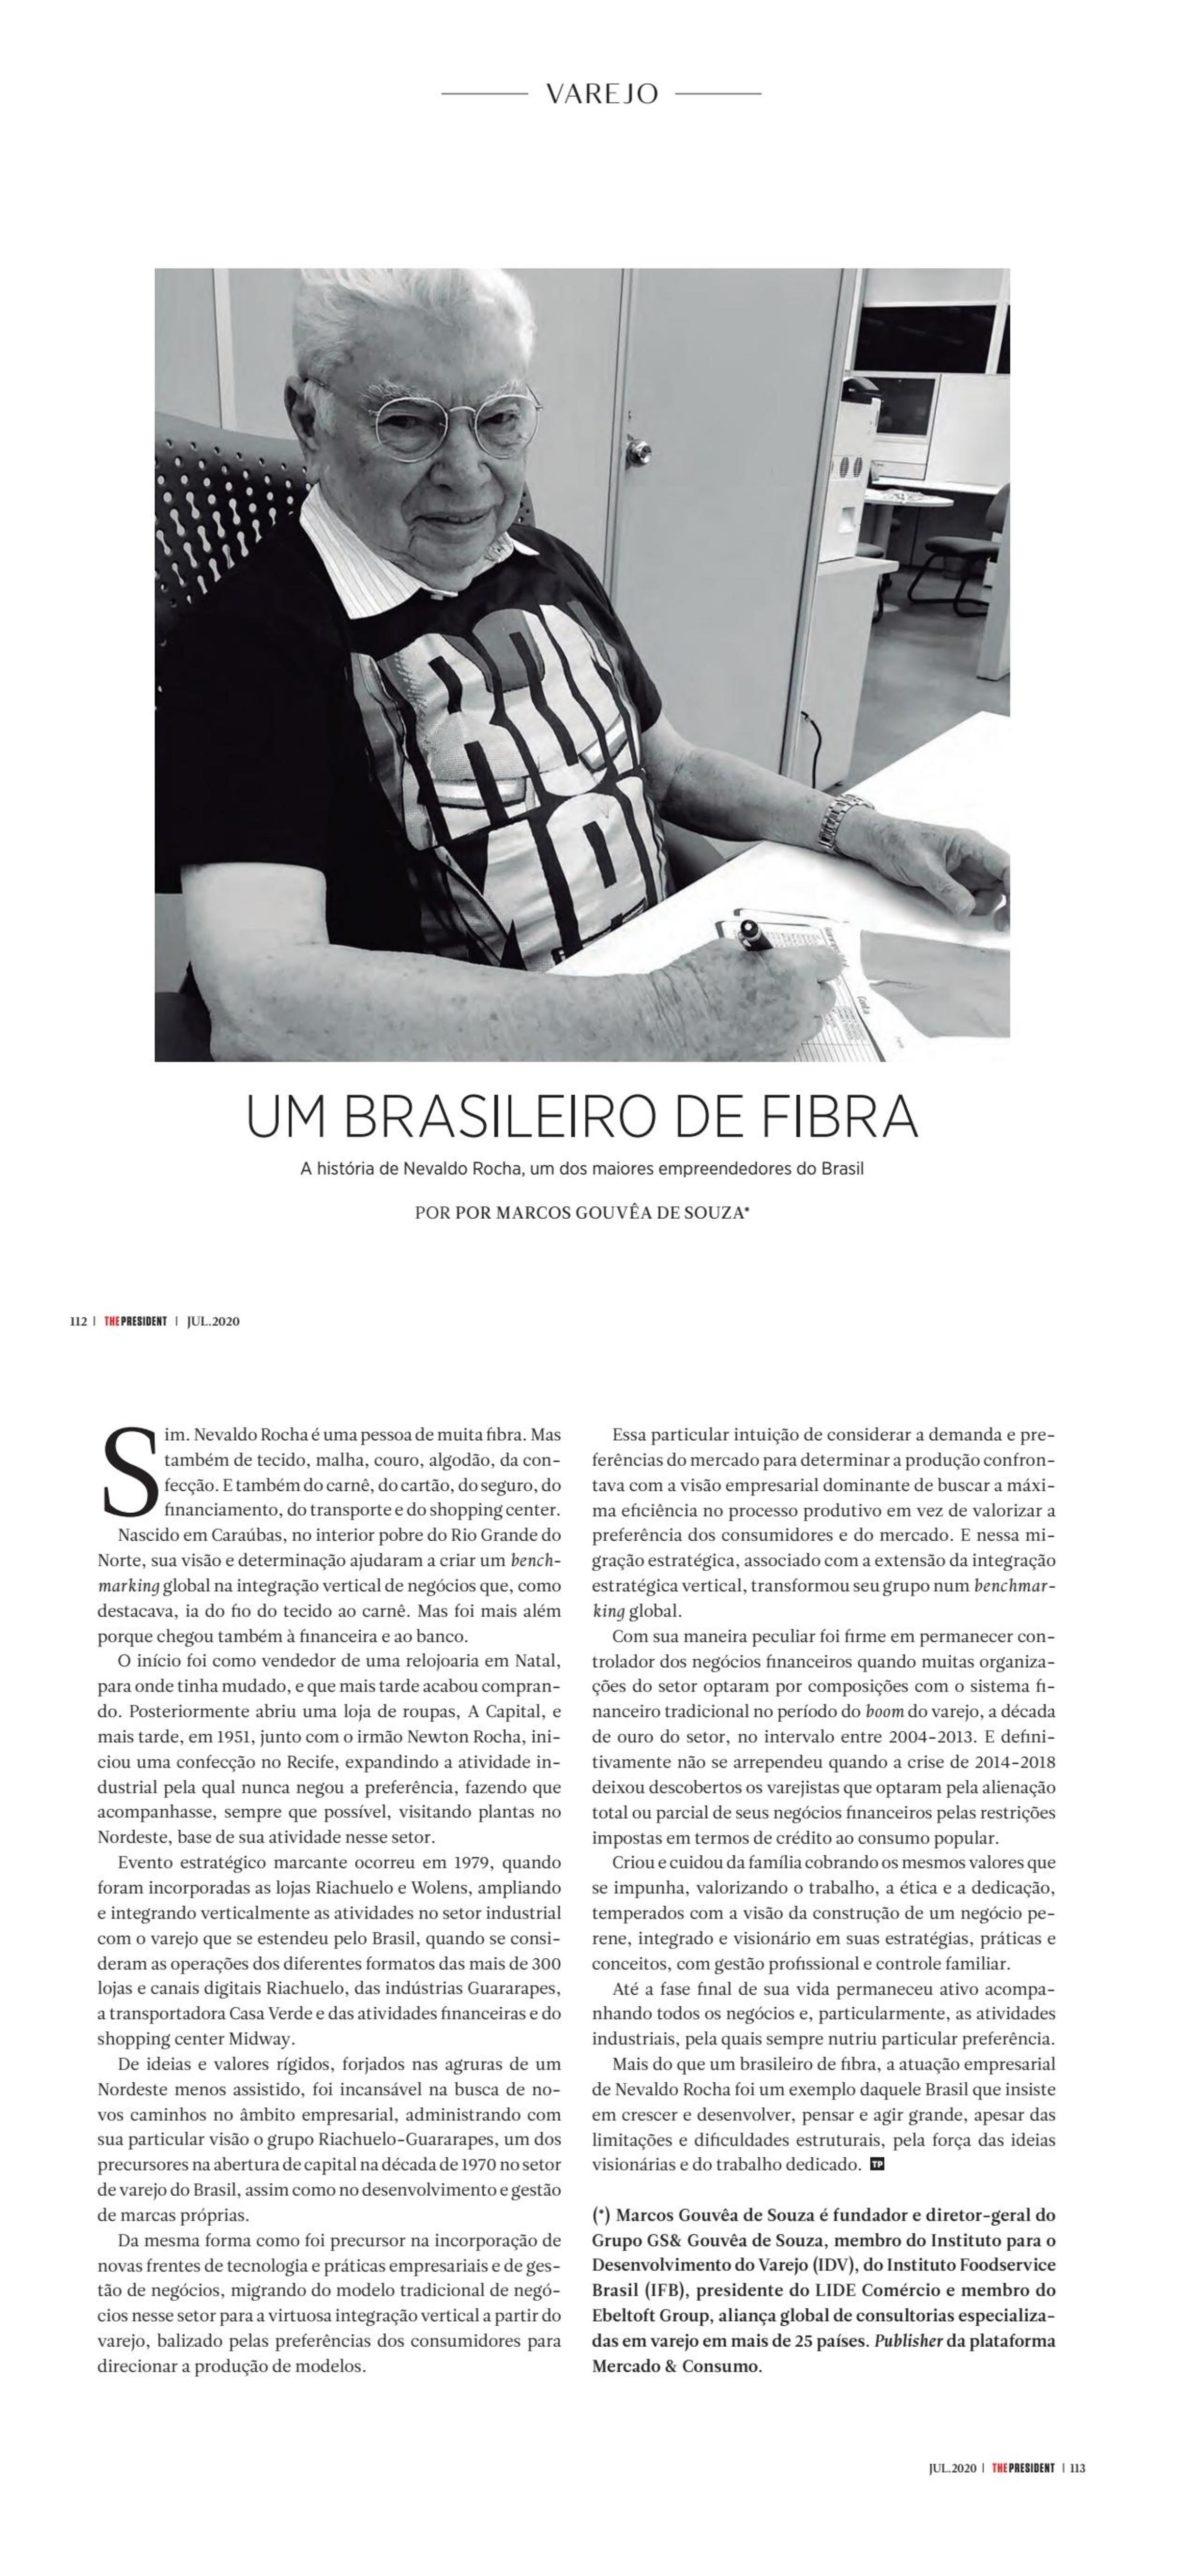 A história de Nevaldo Rocha, um dos maiores empreendedores do Brasil. Por Marcos Gouvêa de Souza